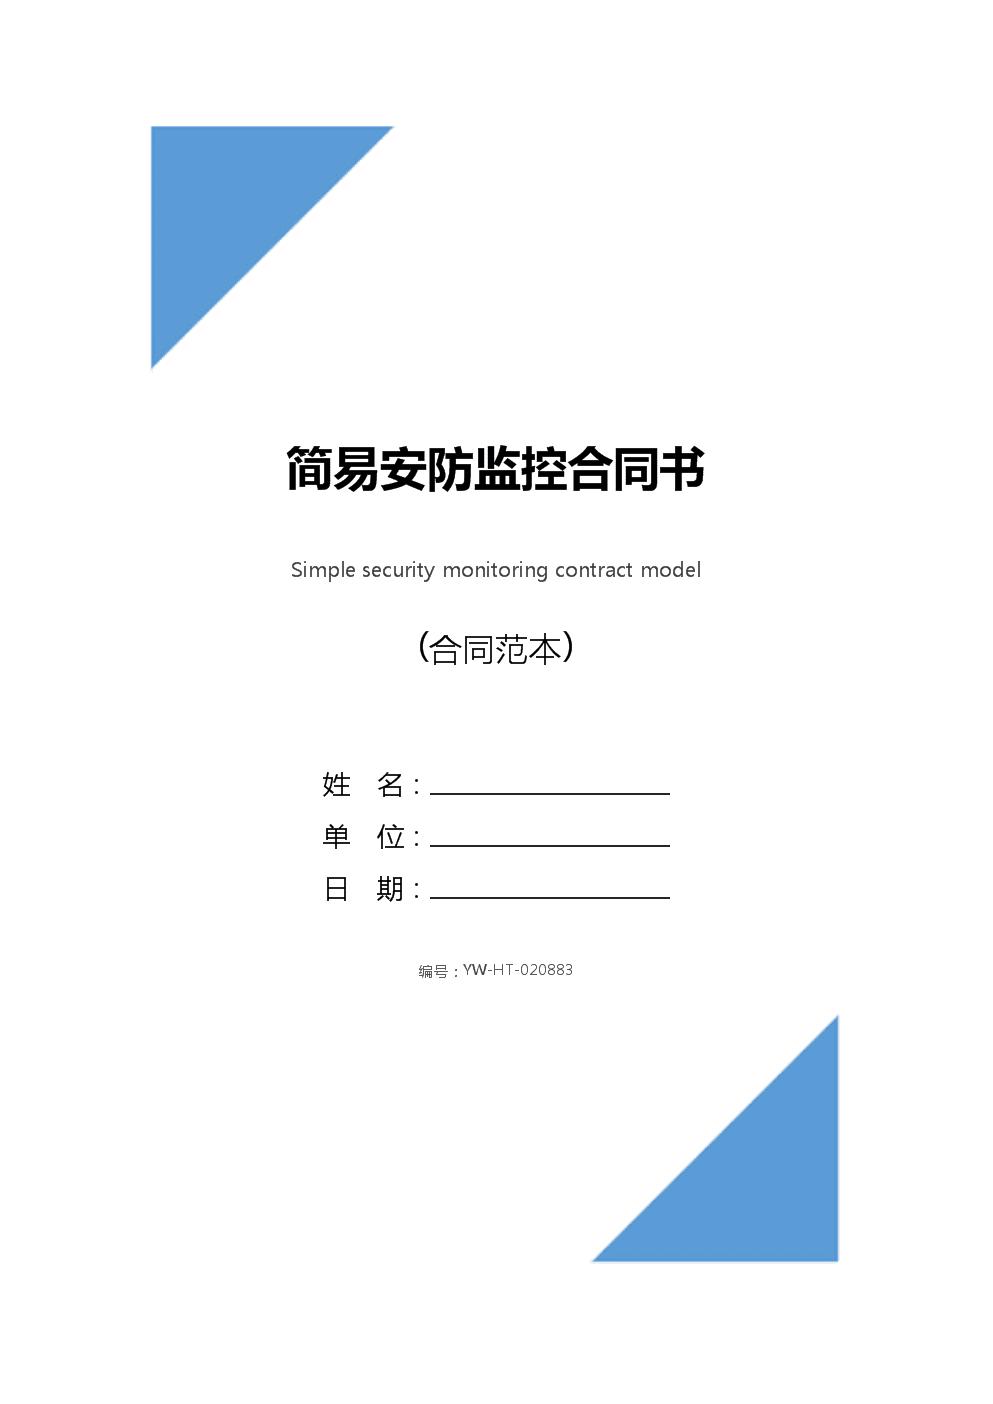 简易安防监控合同书.docx